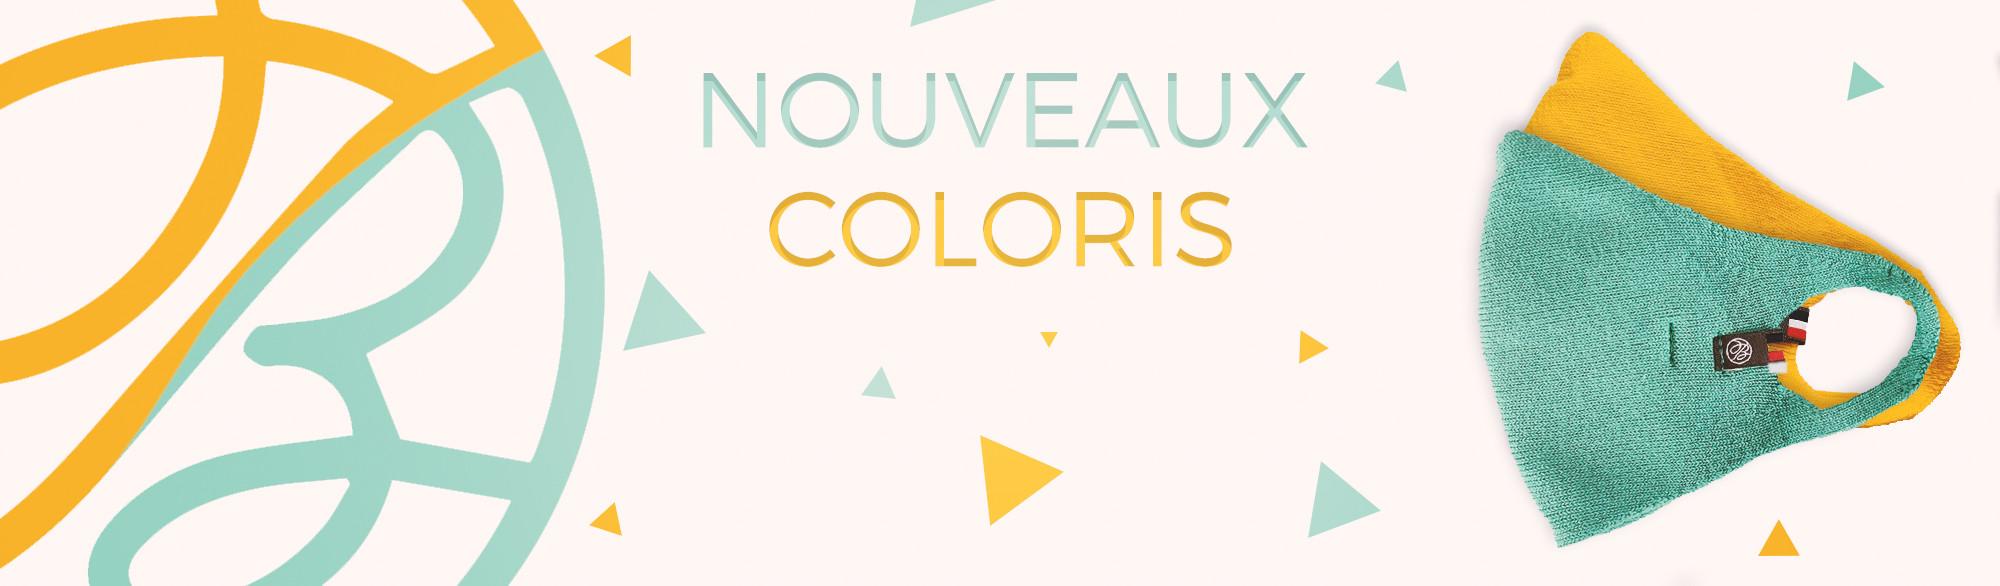 nouveaux coloris